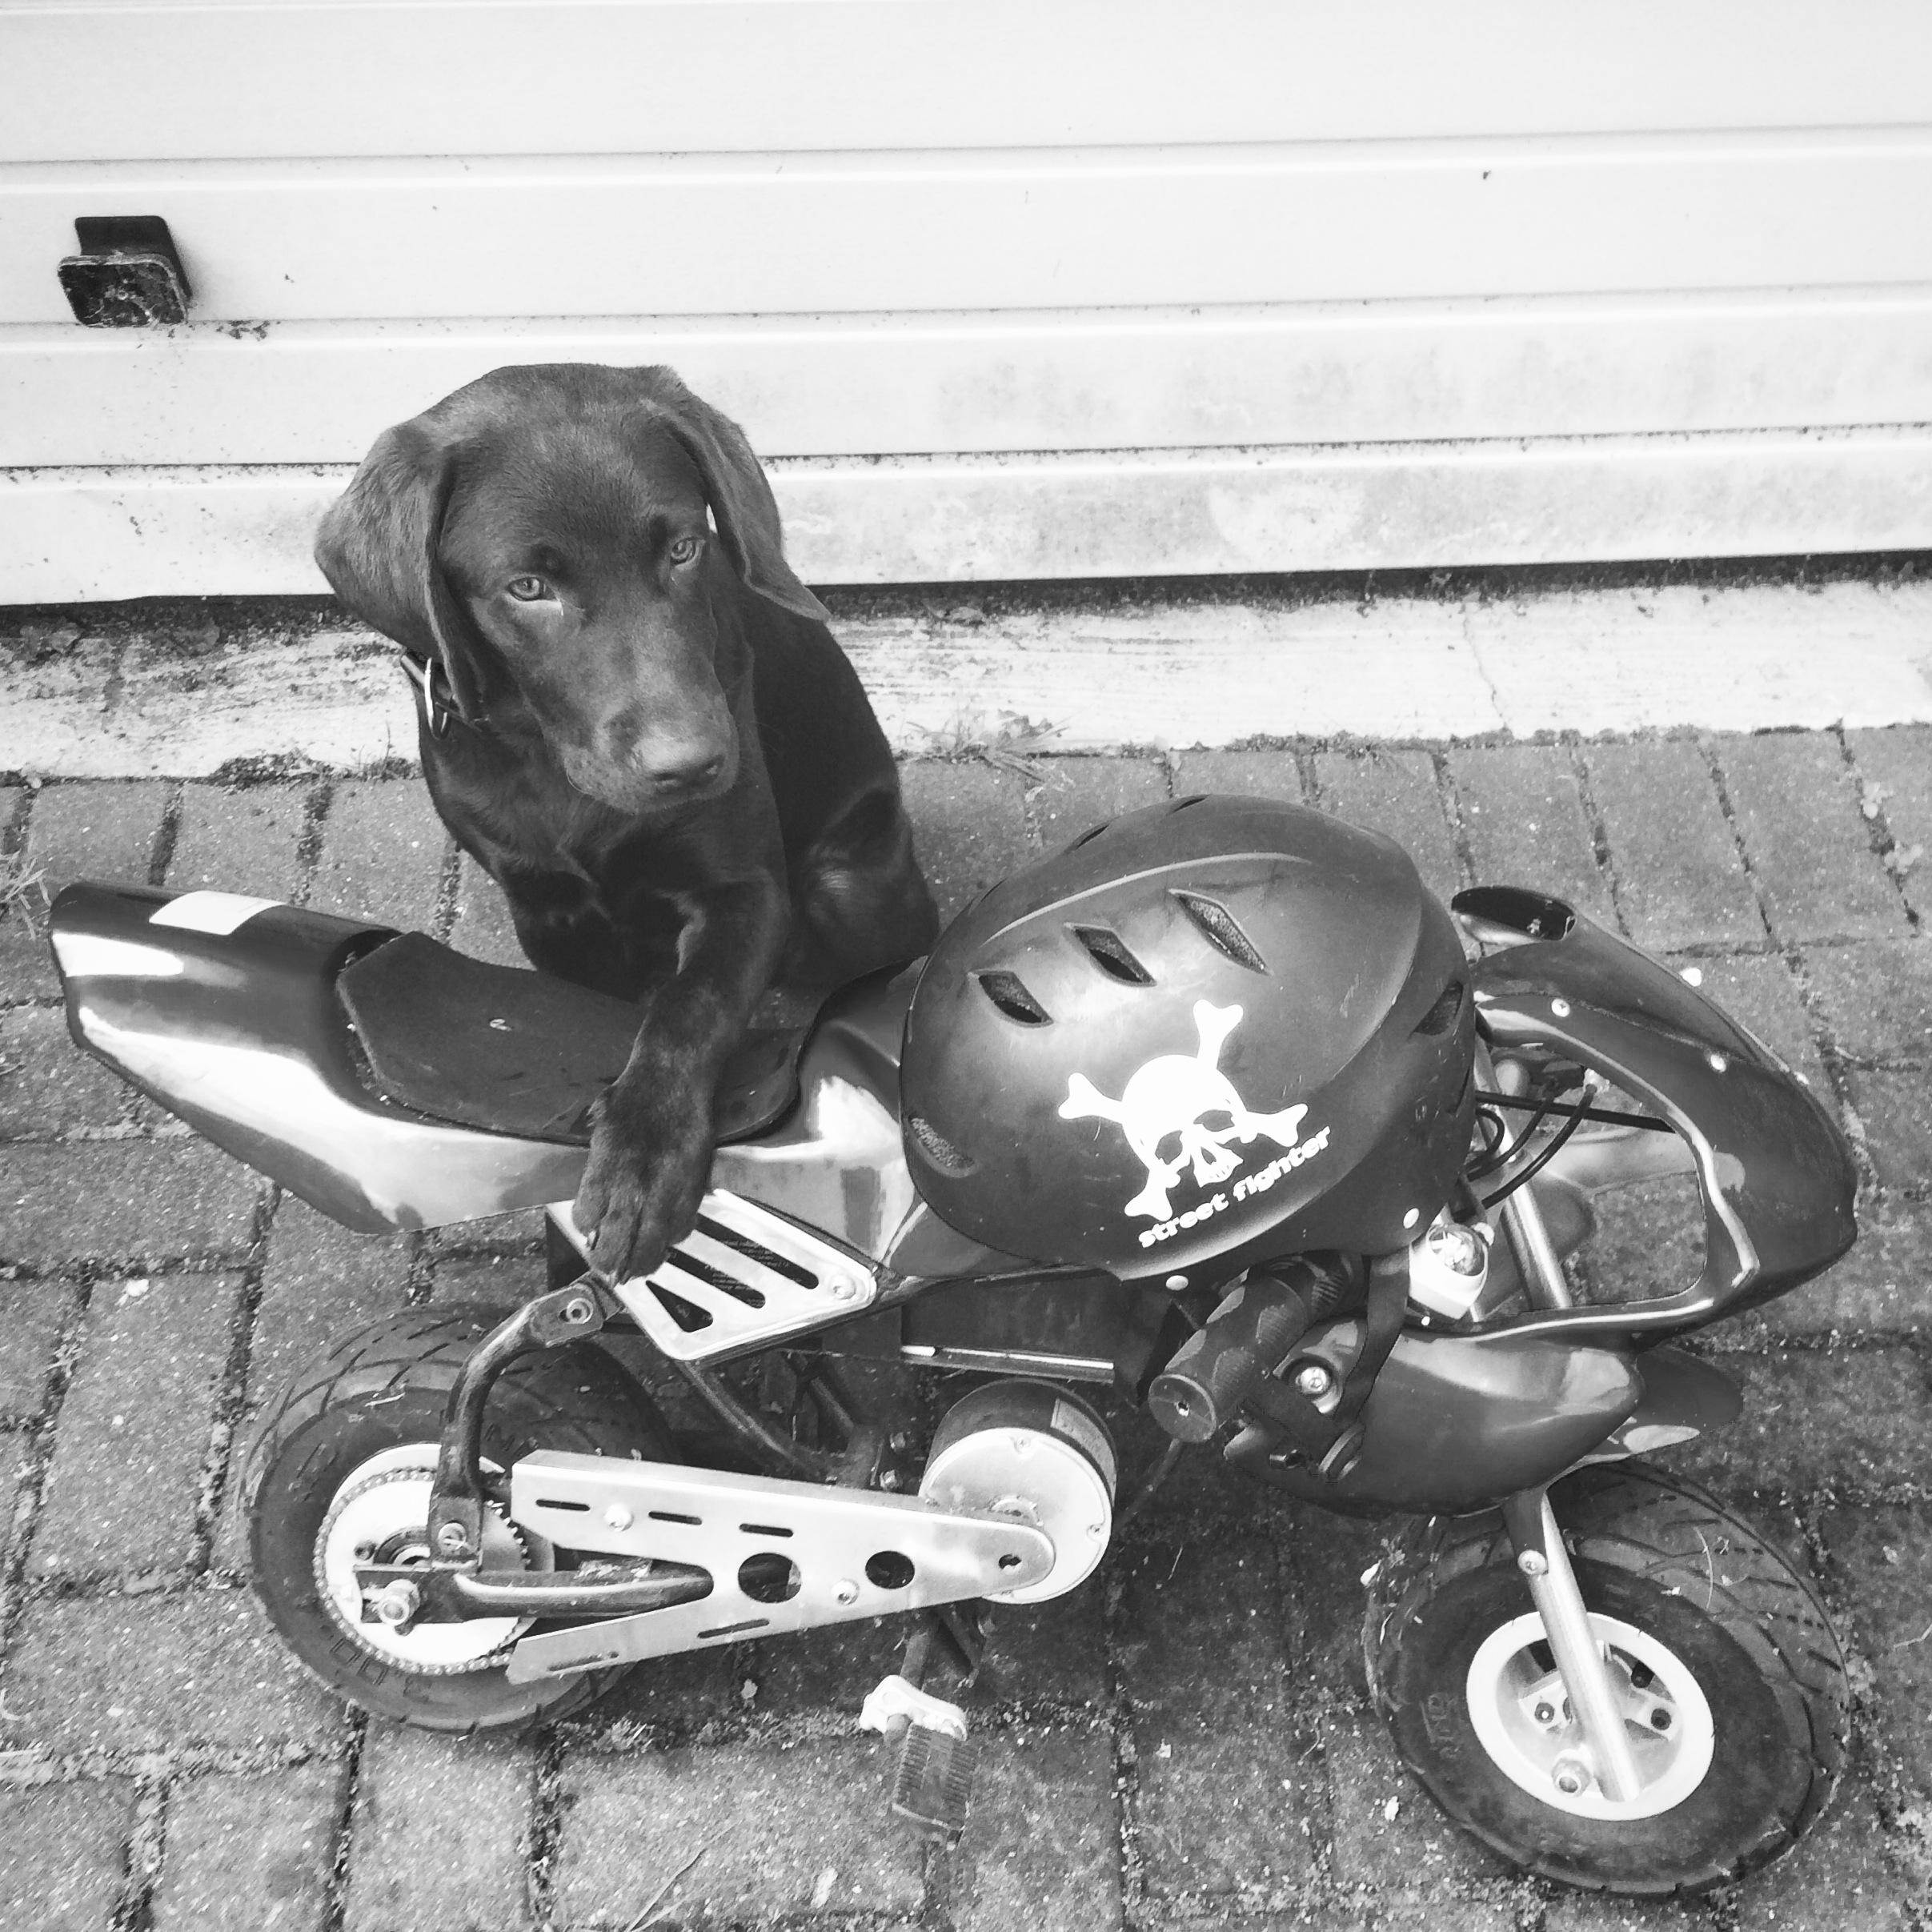 bikerdog